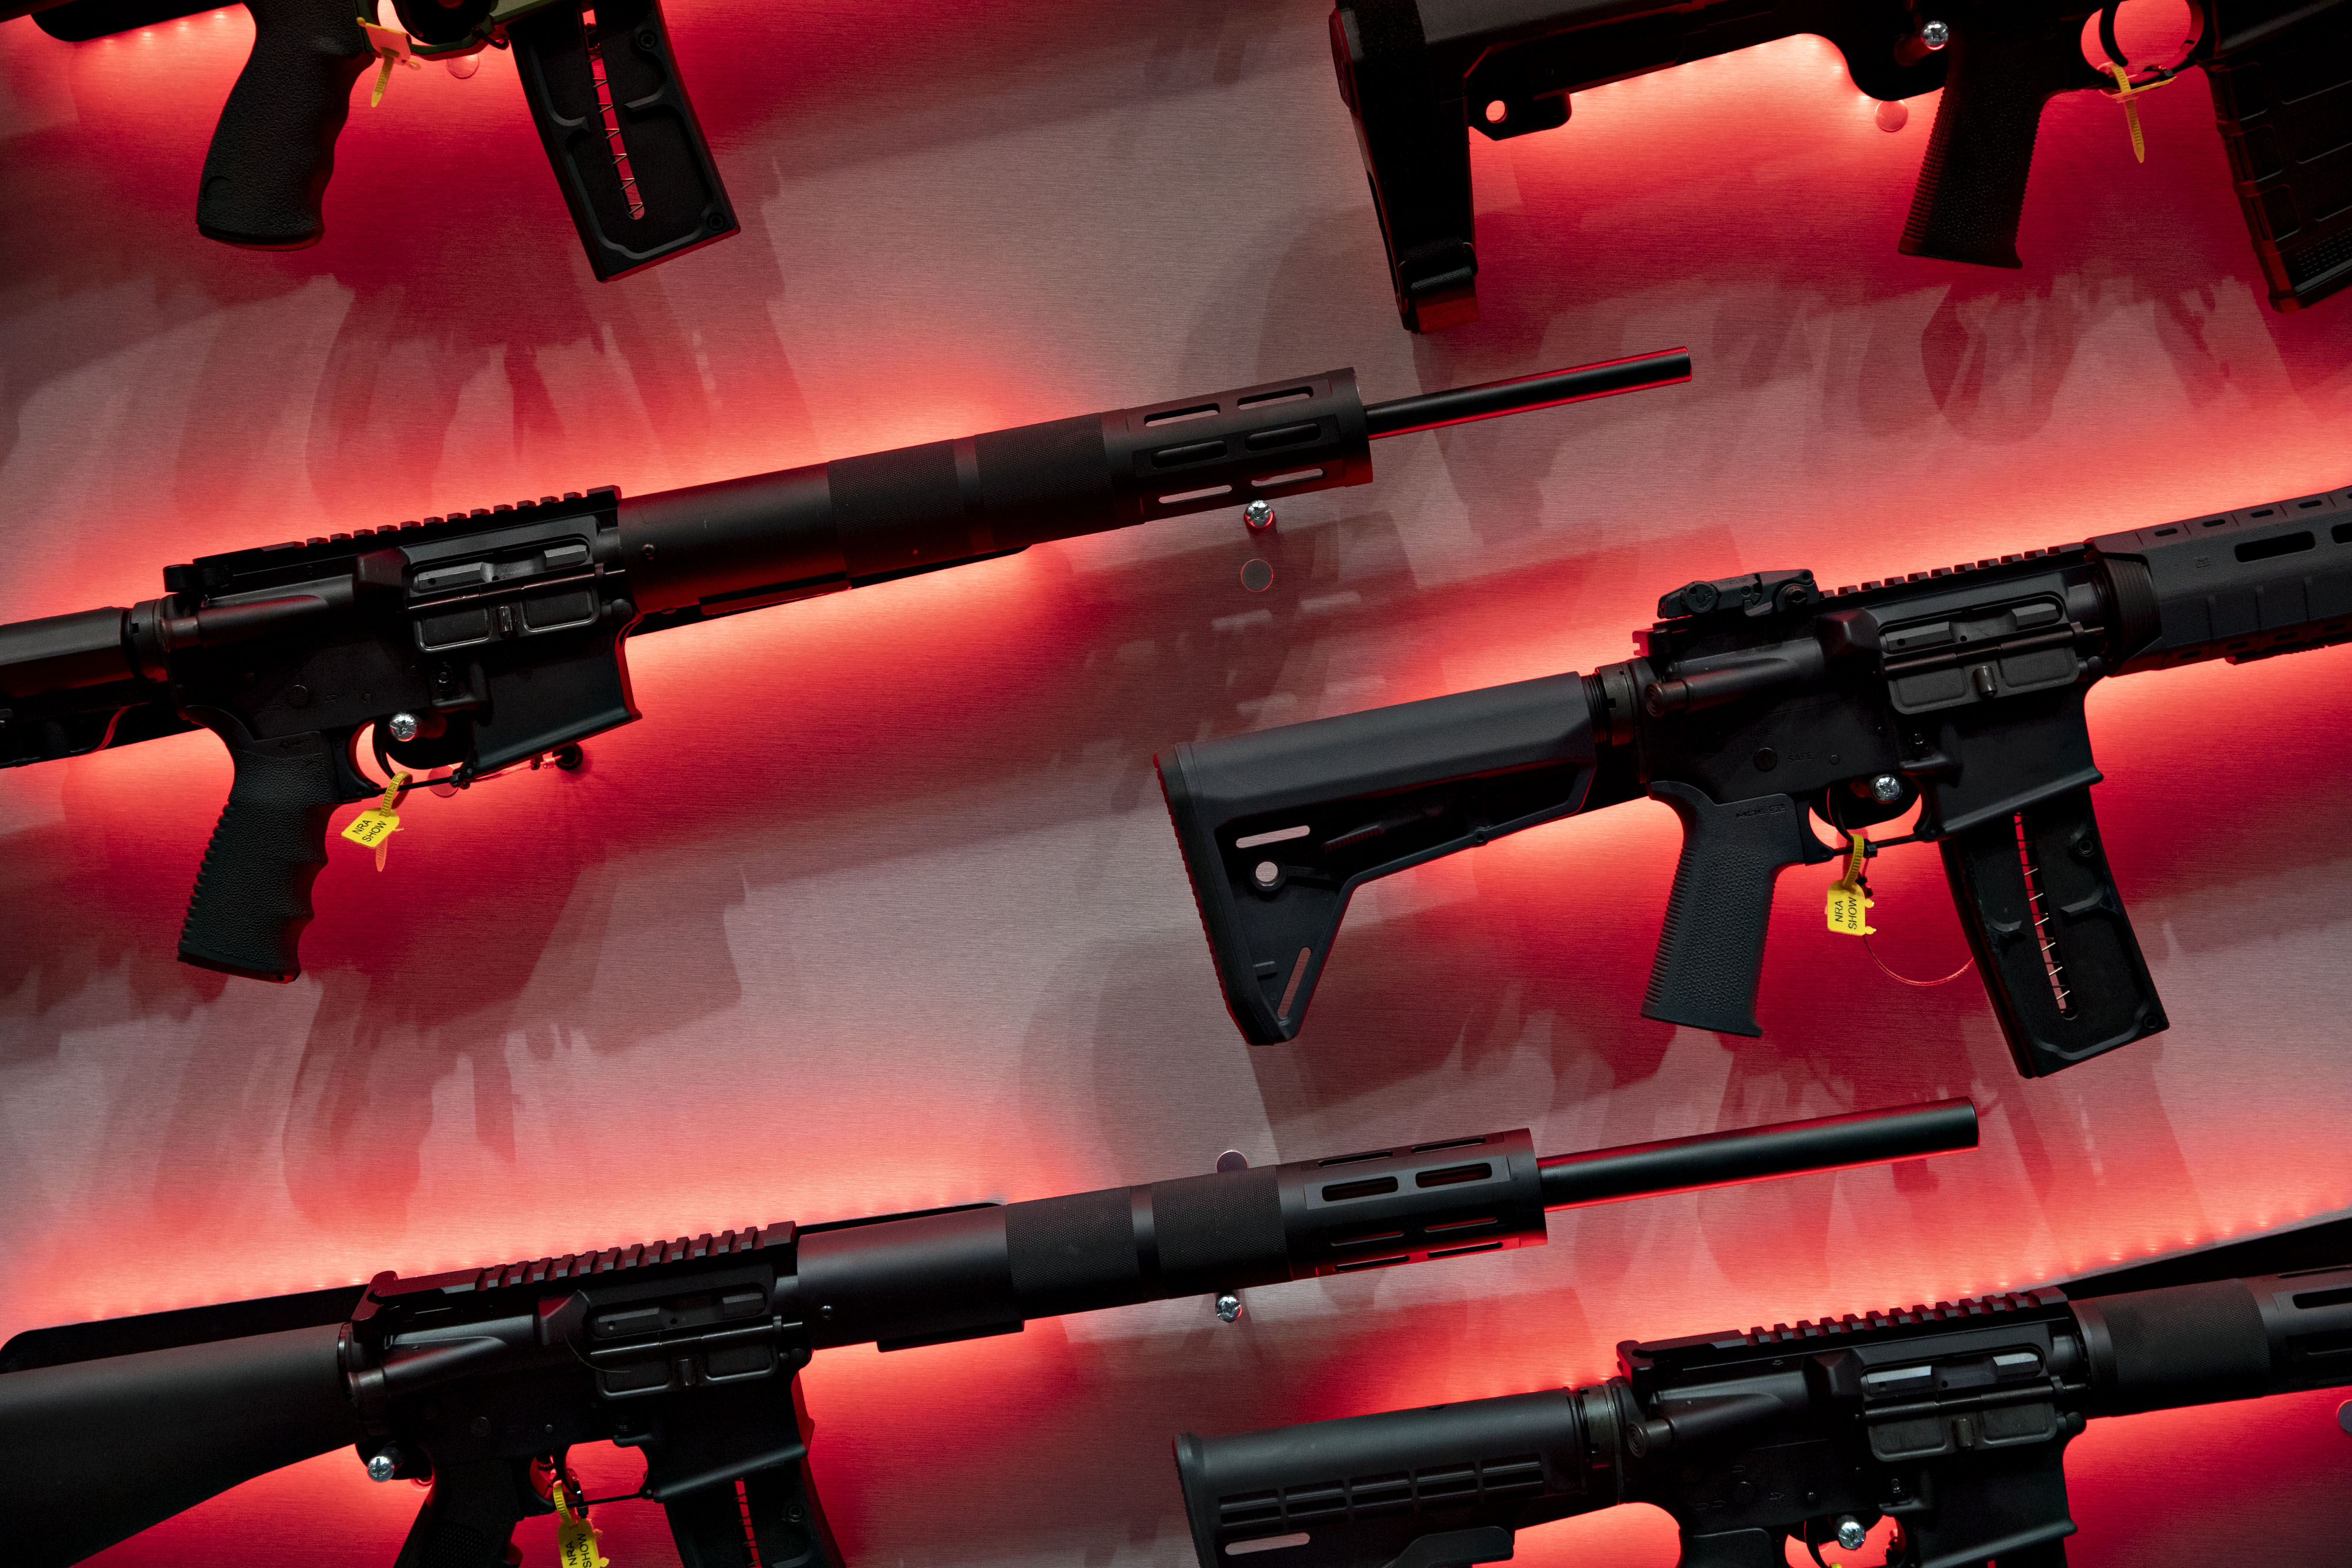 Want an assault weapons ban that works? Focus on ballistics